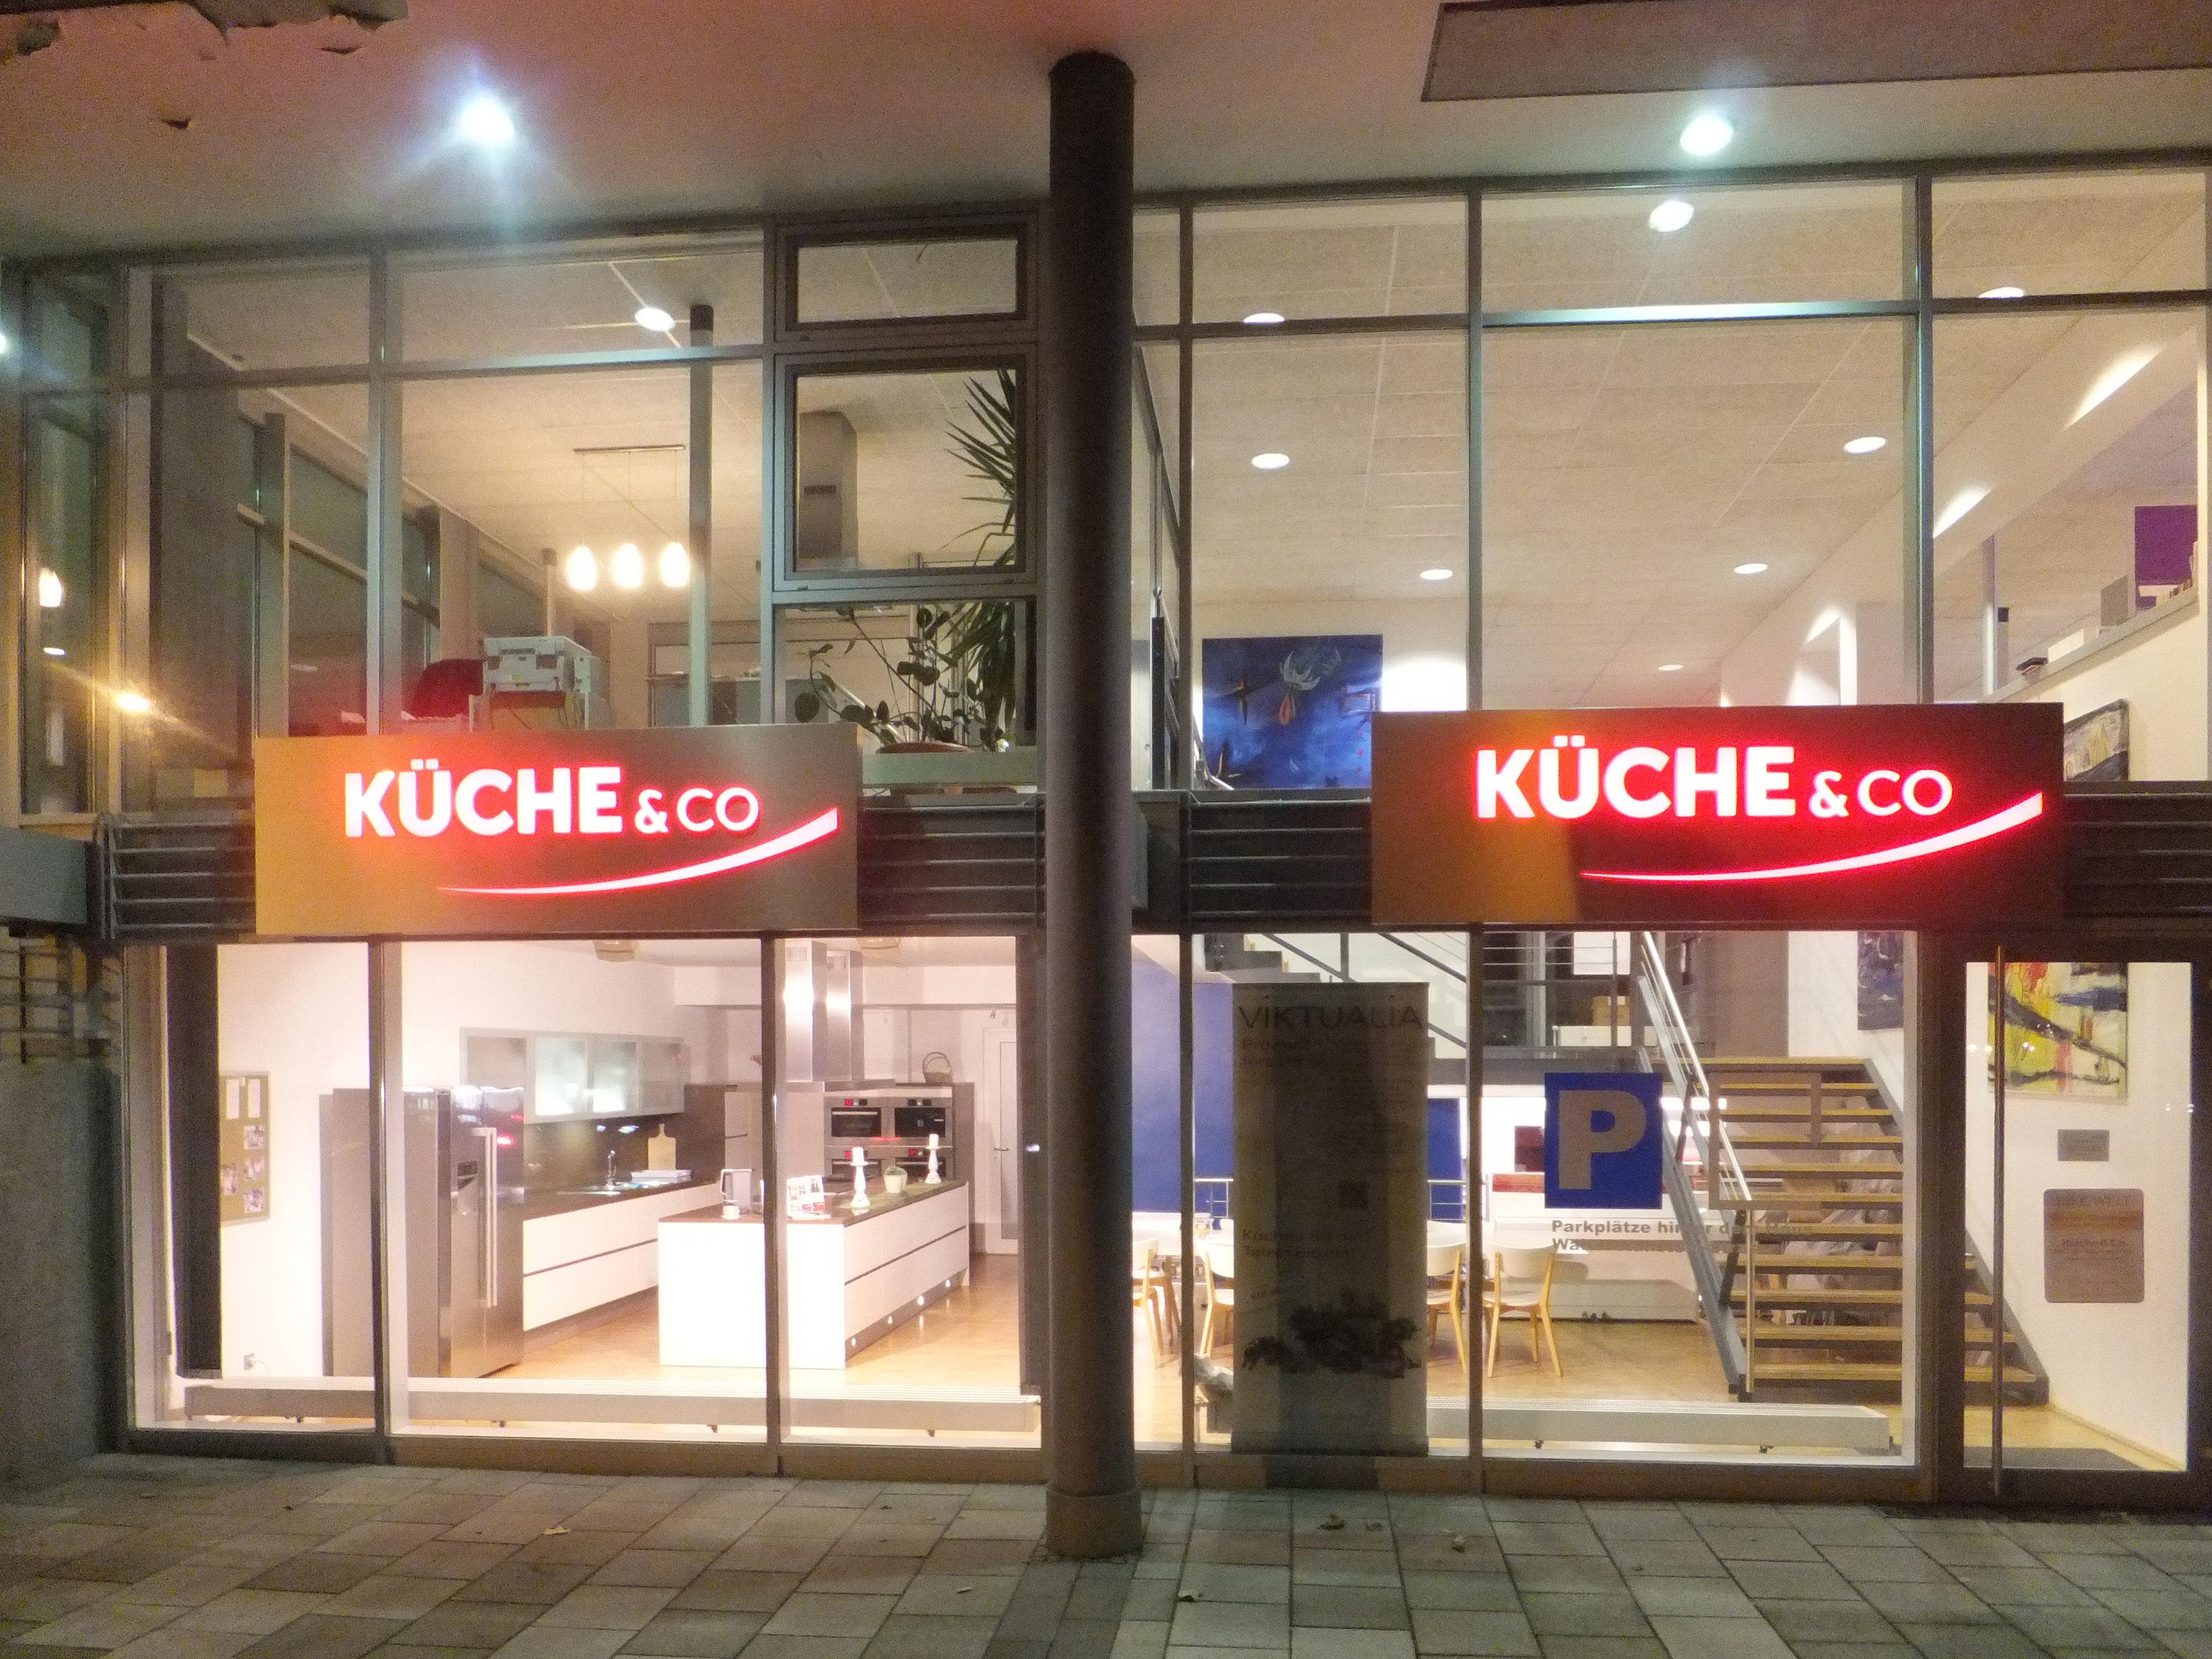 Küche&Co Wiesbaden-Europaviertel in 65197, Wiesbaden